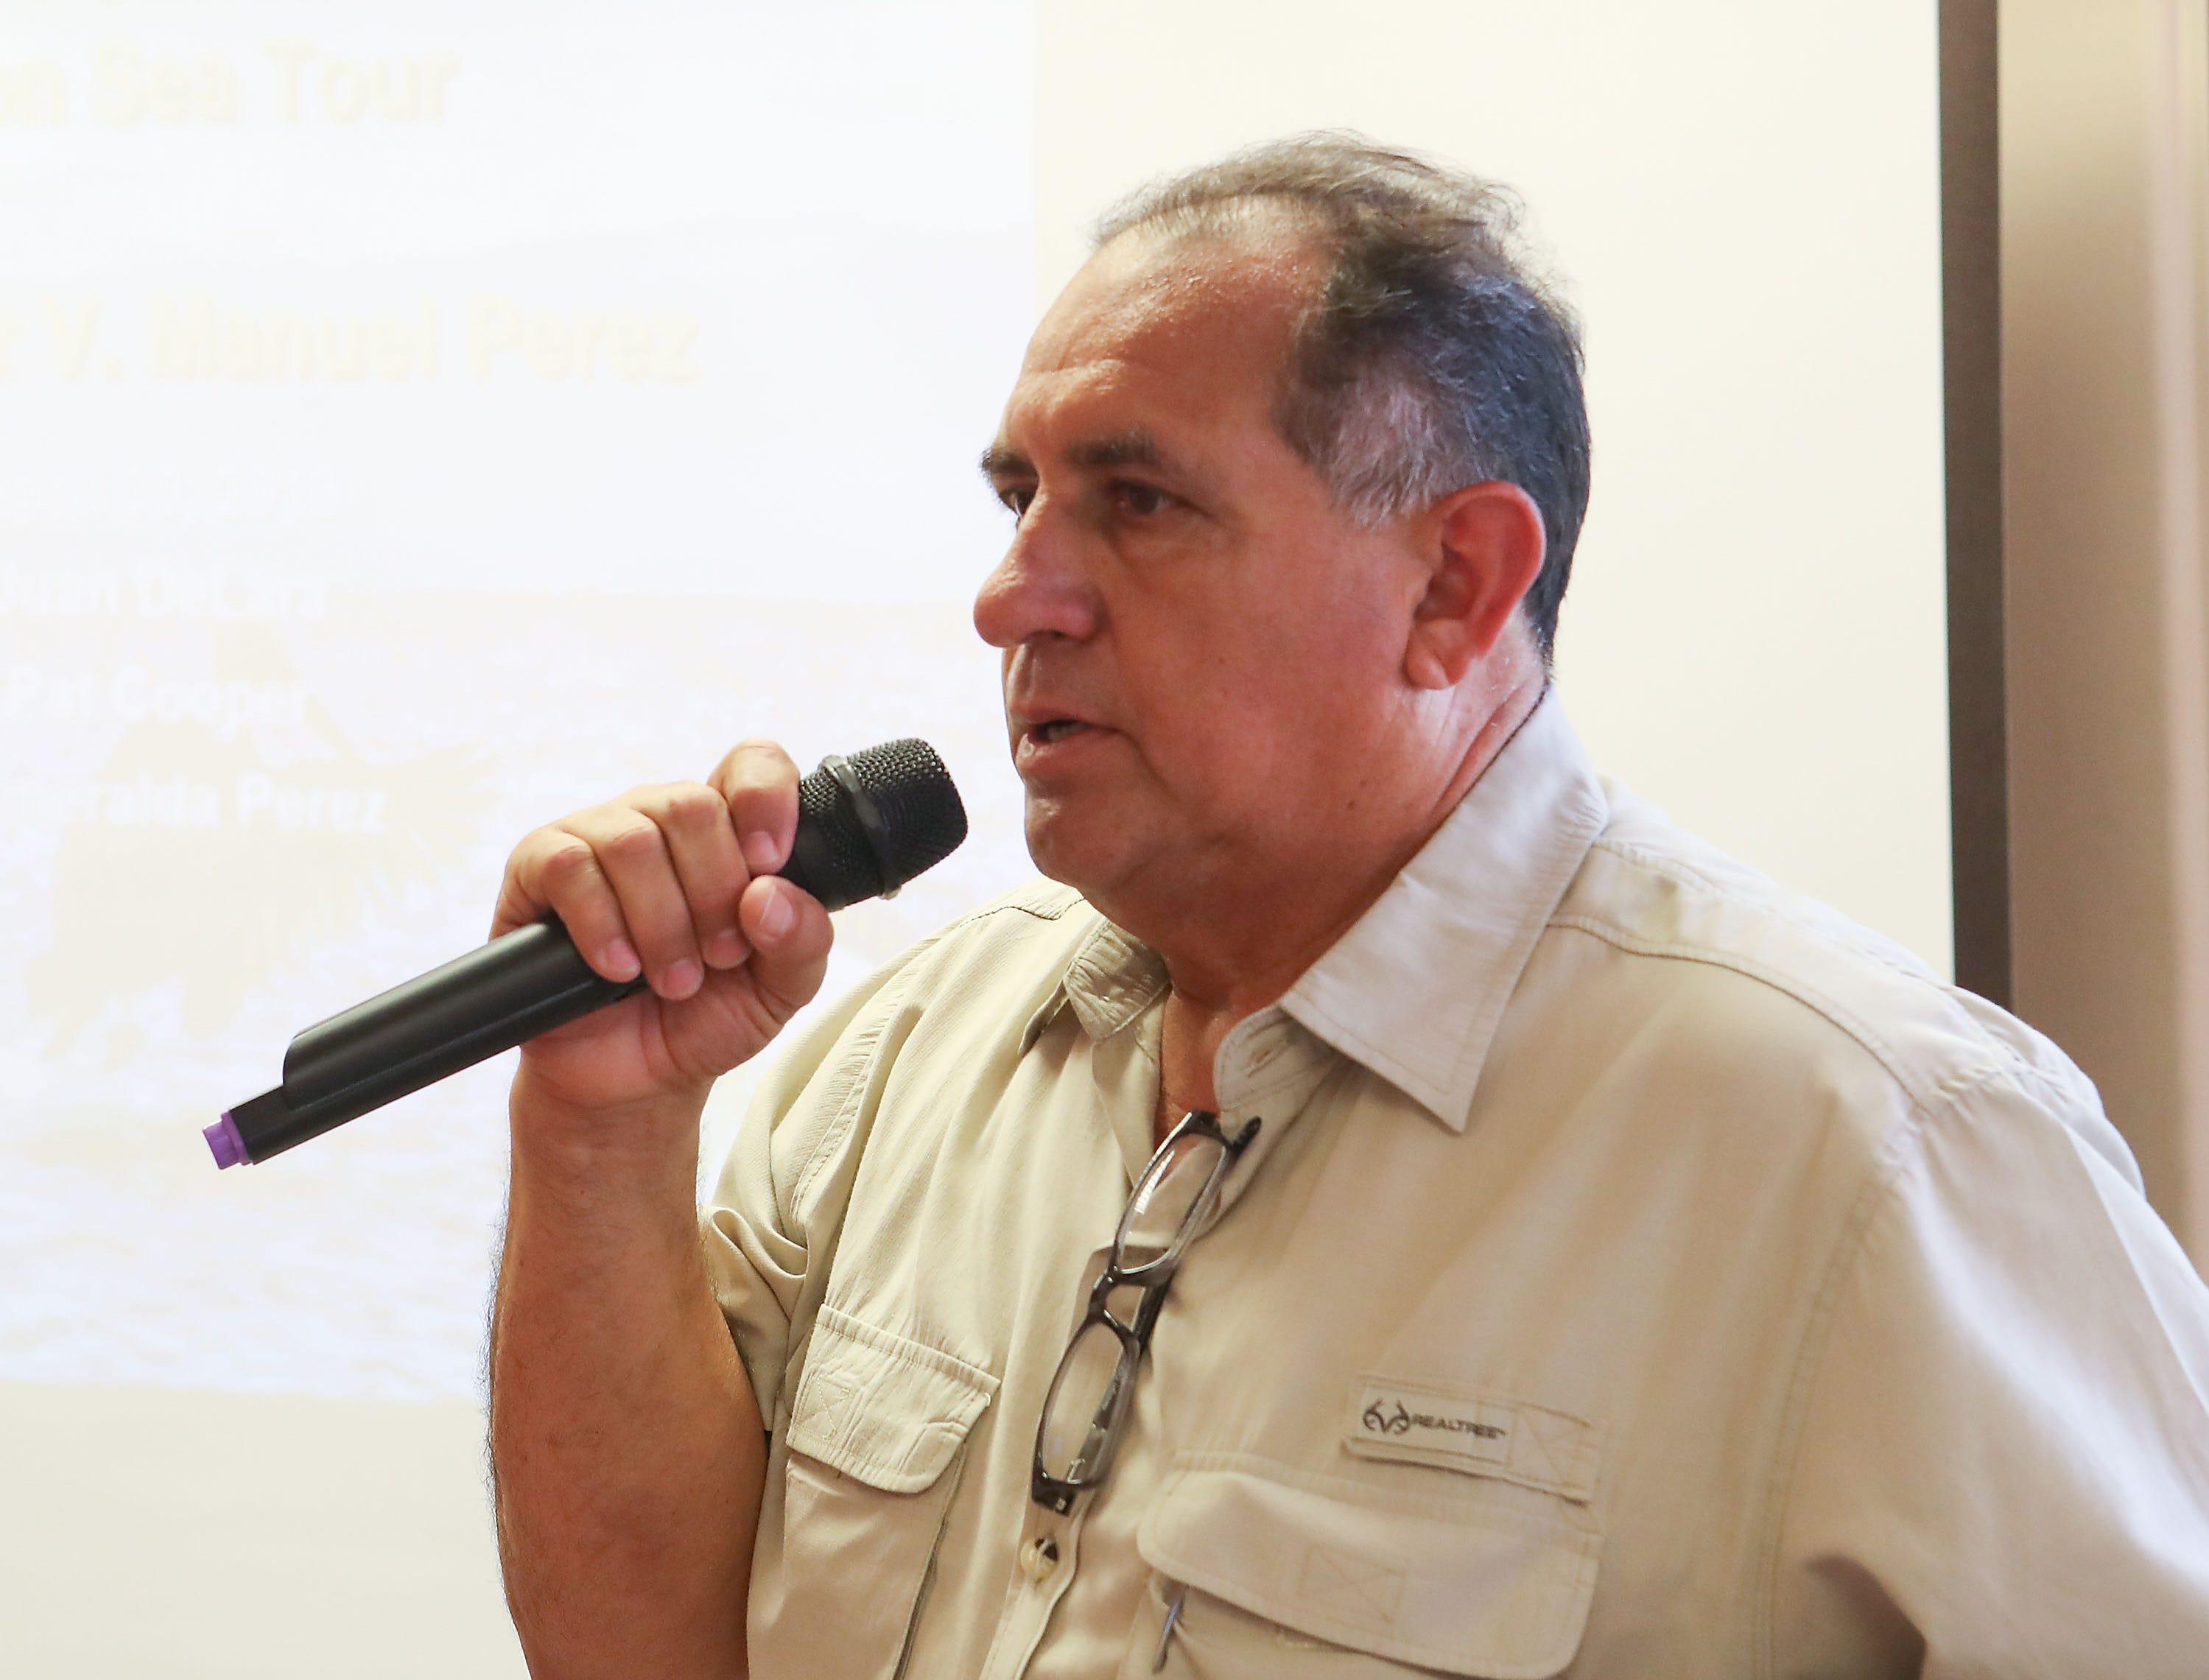 Juan De Lara speaks about the Salton Sea in Mecca, April 30, 2019.